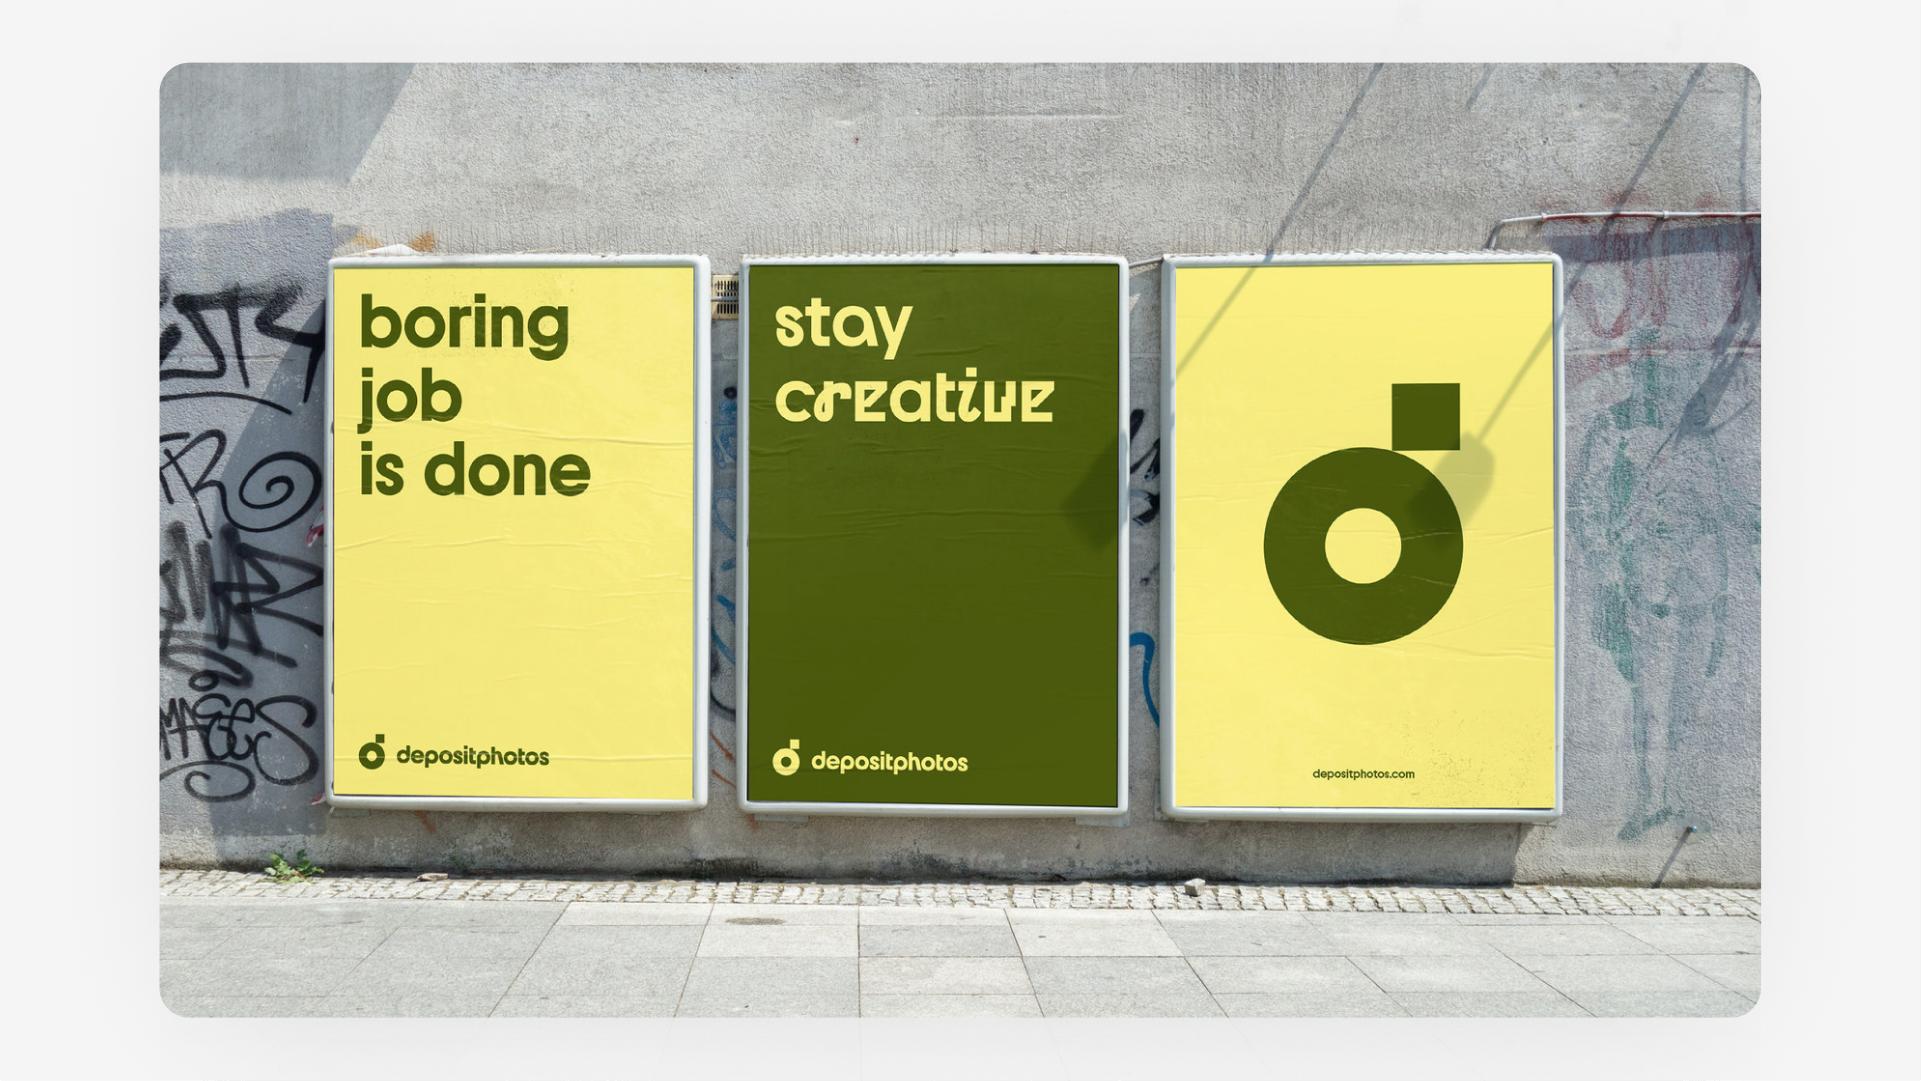 Depositphotos branding referencing Bauhaus